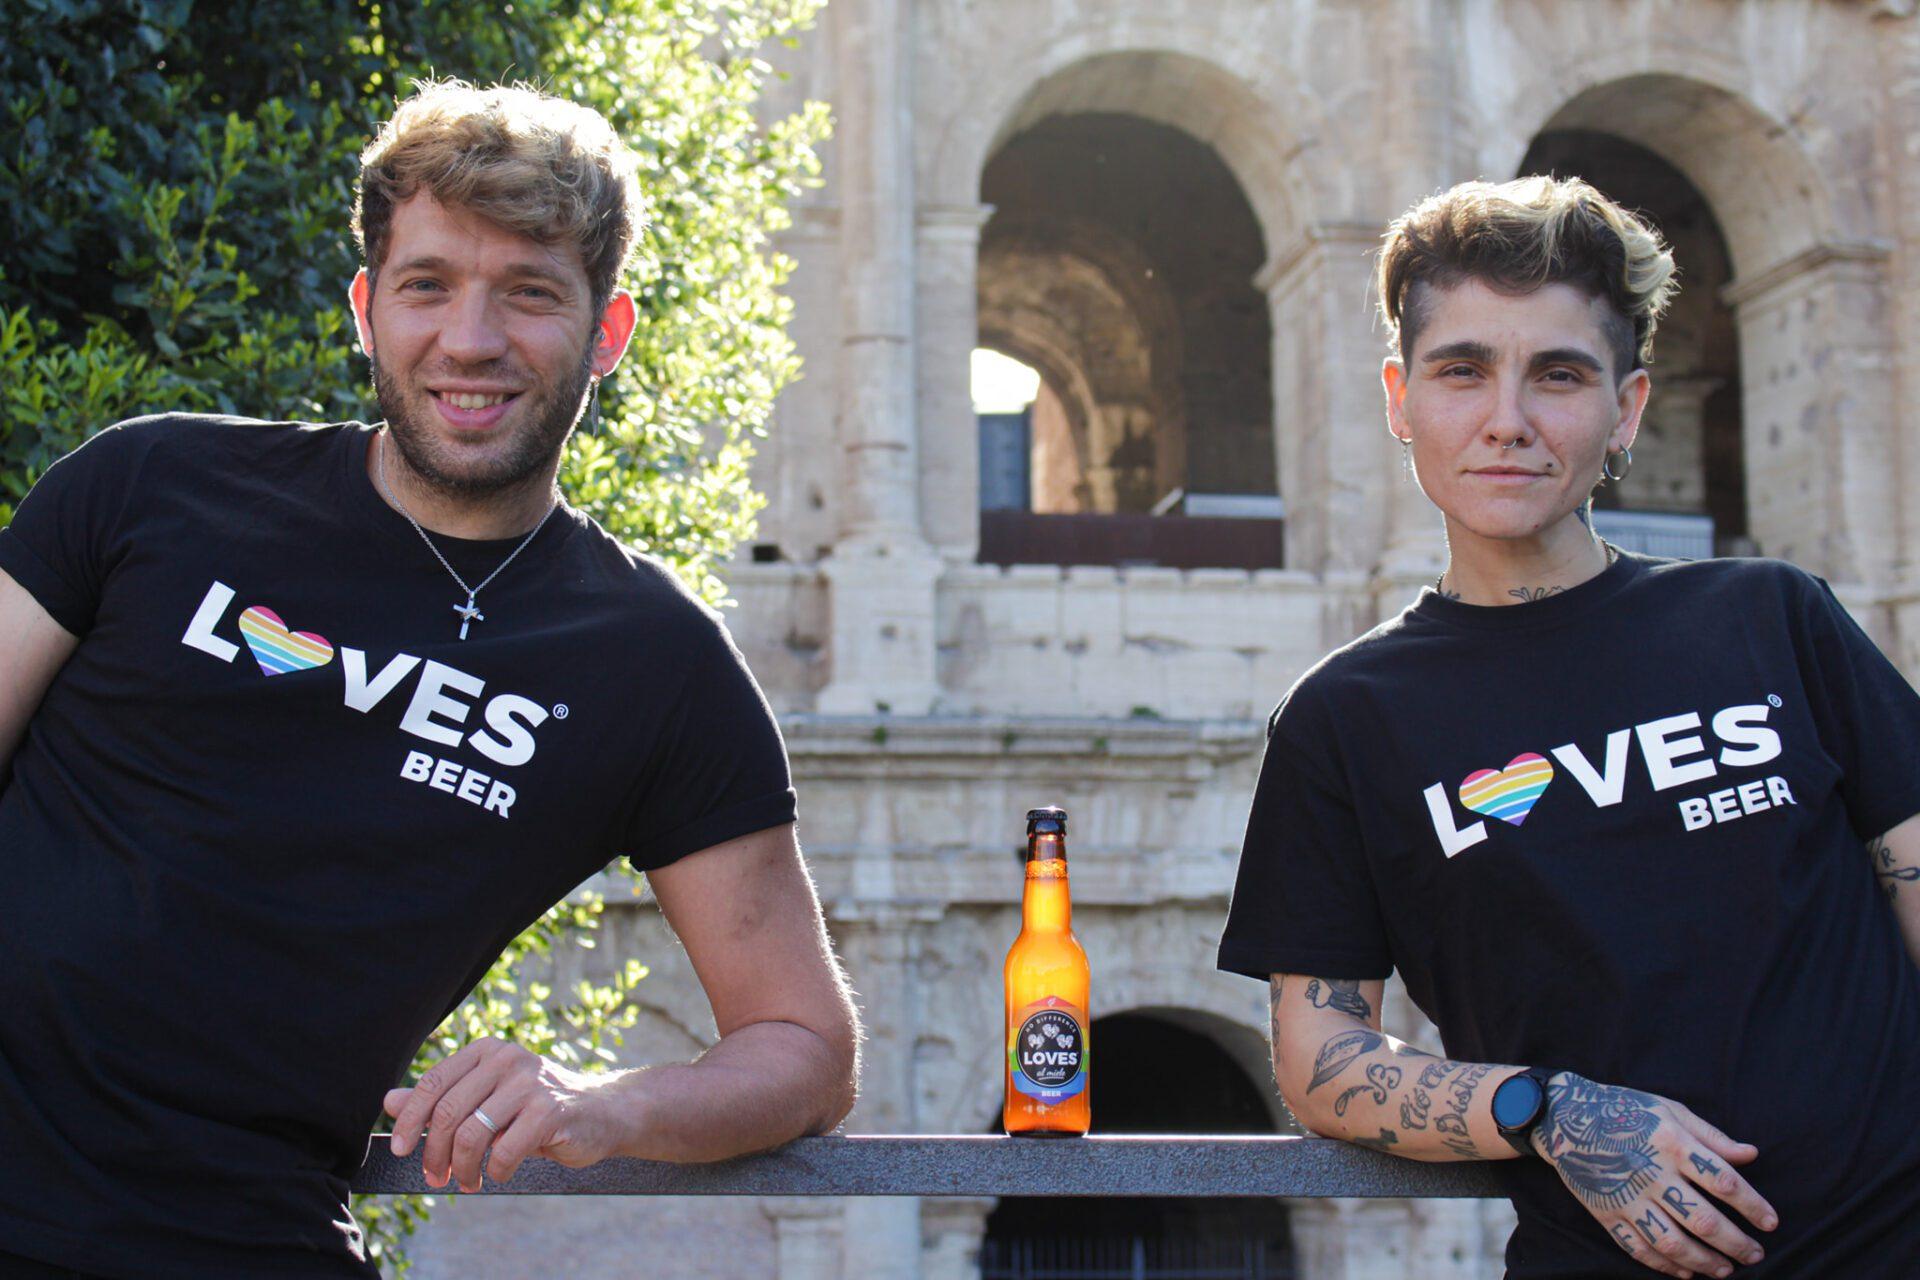 Le Coming Out à Rome, un bar pour des fêtes inoubliables